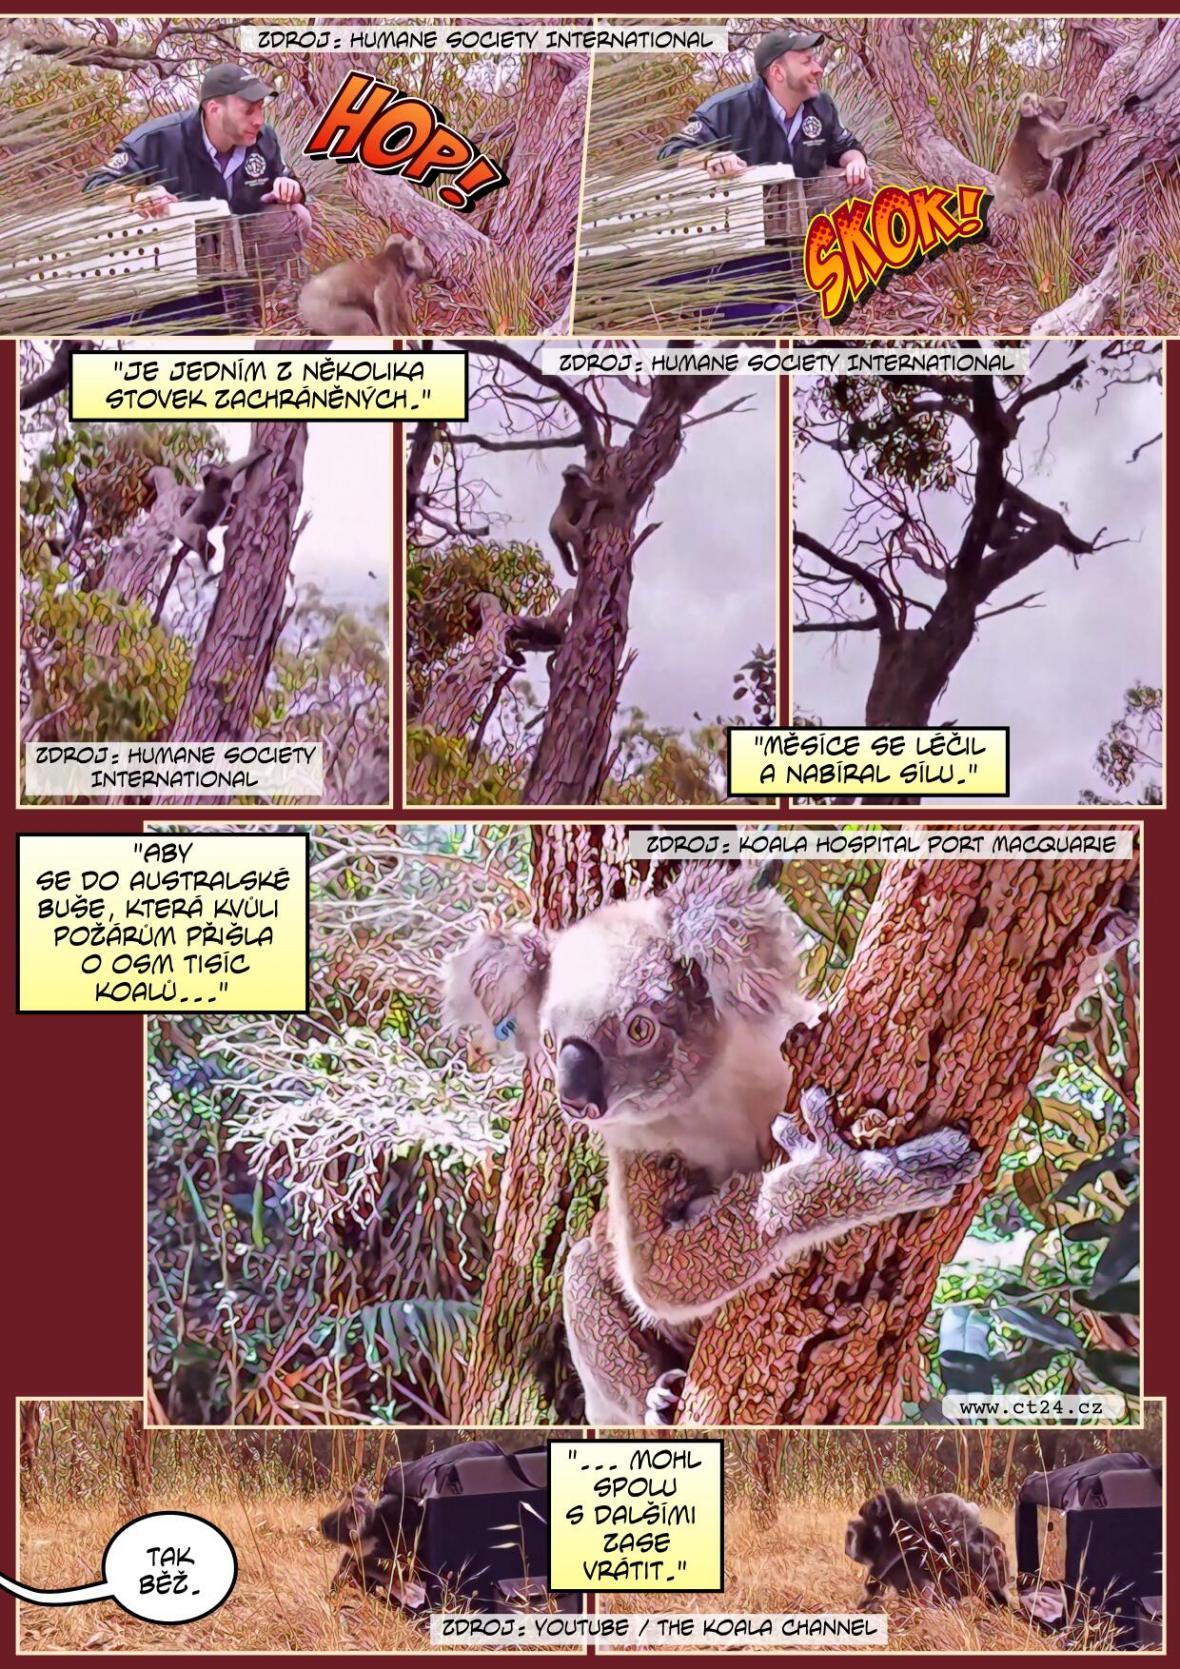 Po pekle přichází obnova. Do australské přírody se opět vrací zvířata